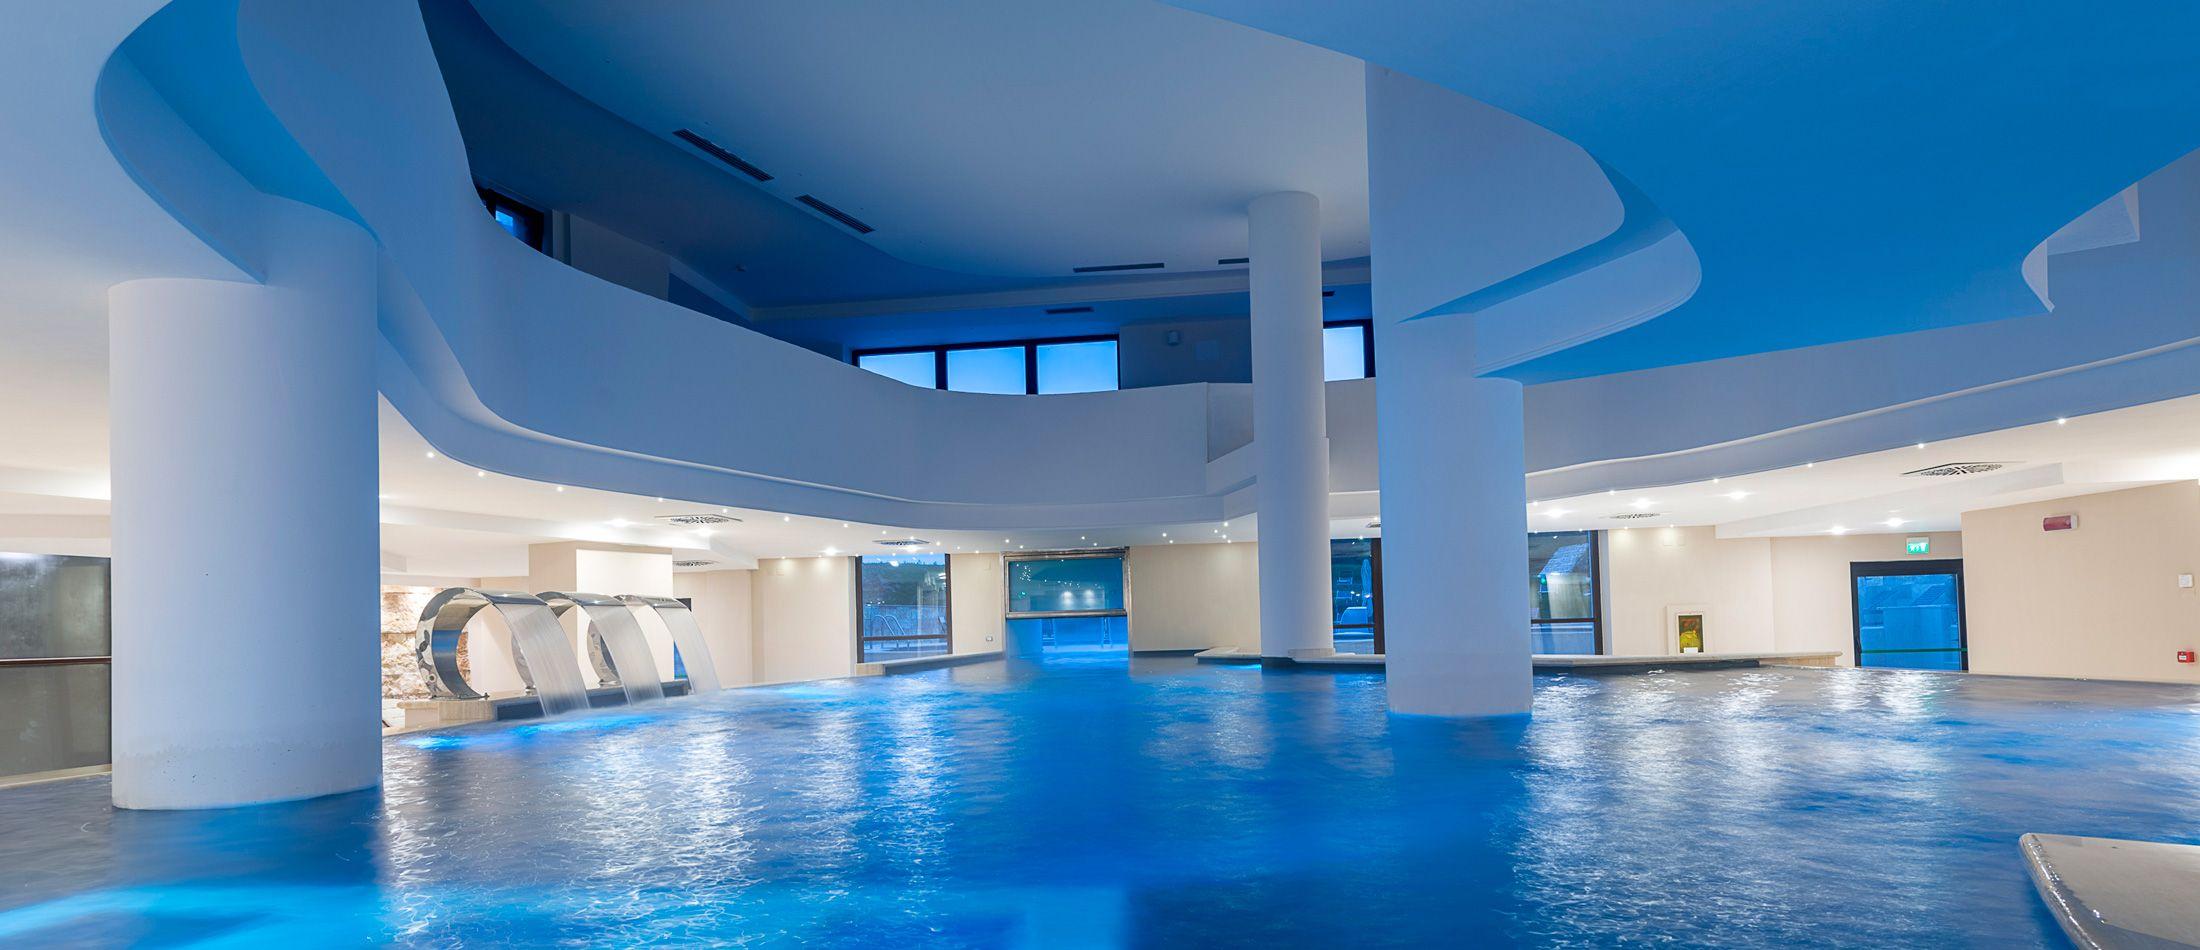 Aqua montis resort spa rivisondoli abruzzo - Hotel in montagna con piscina ...